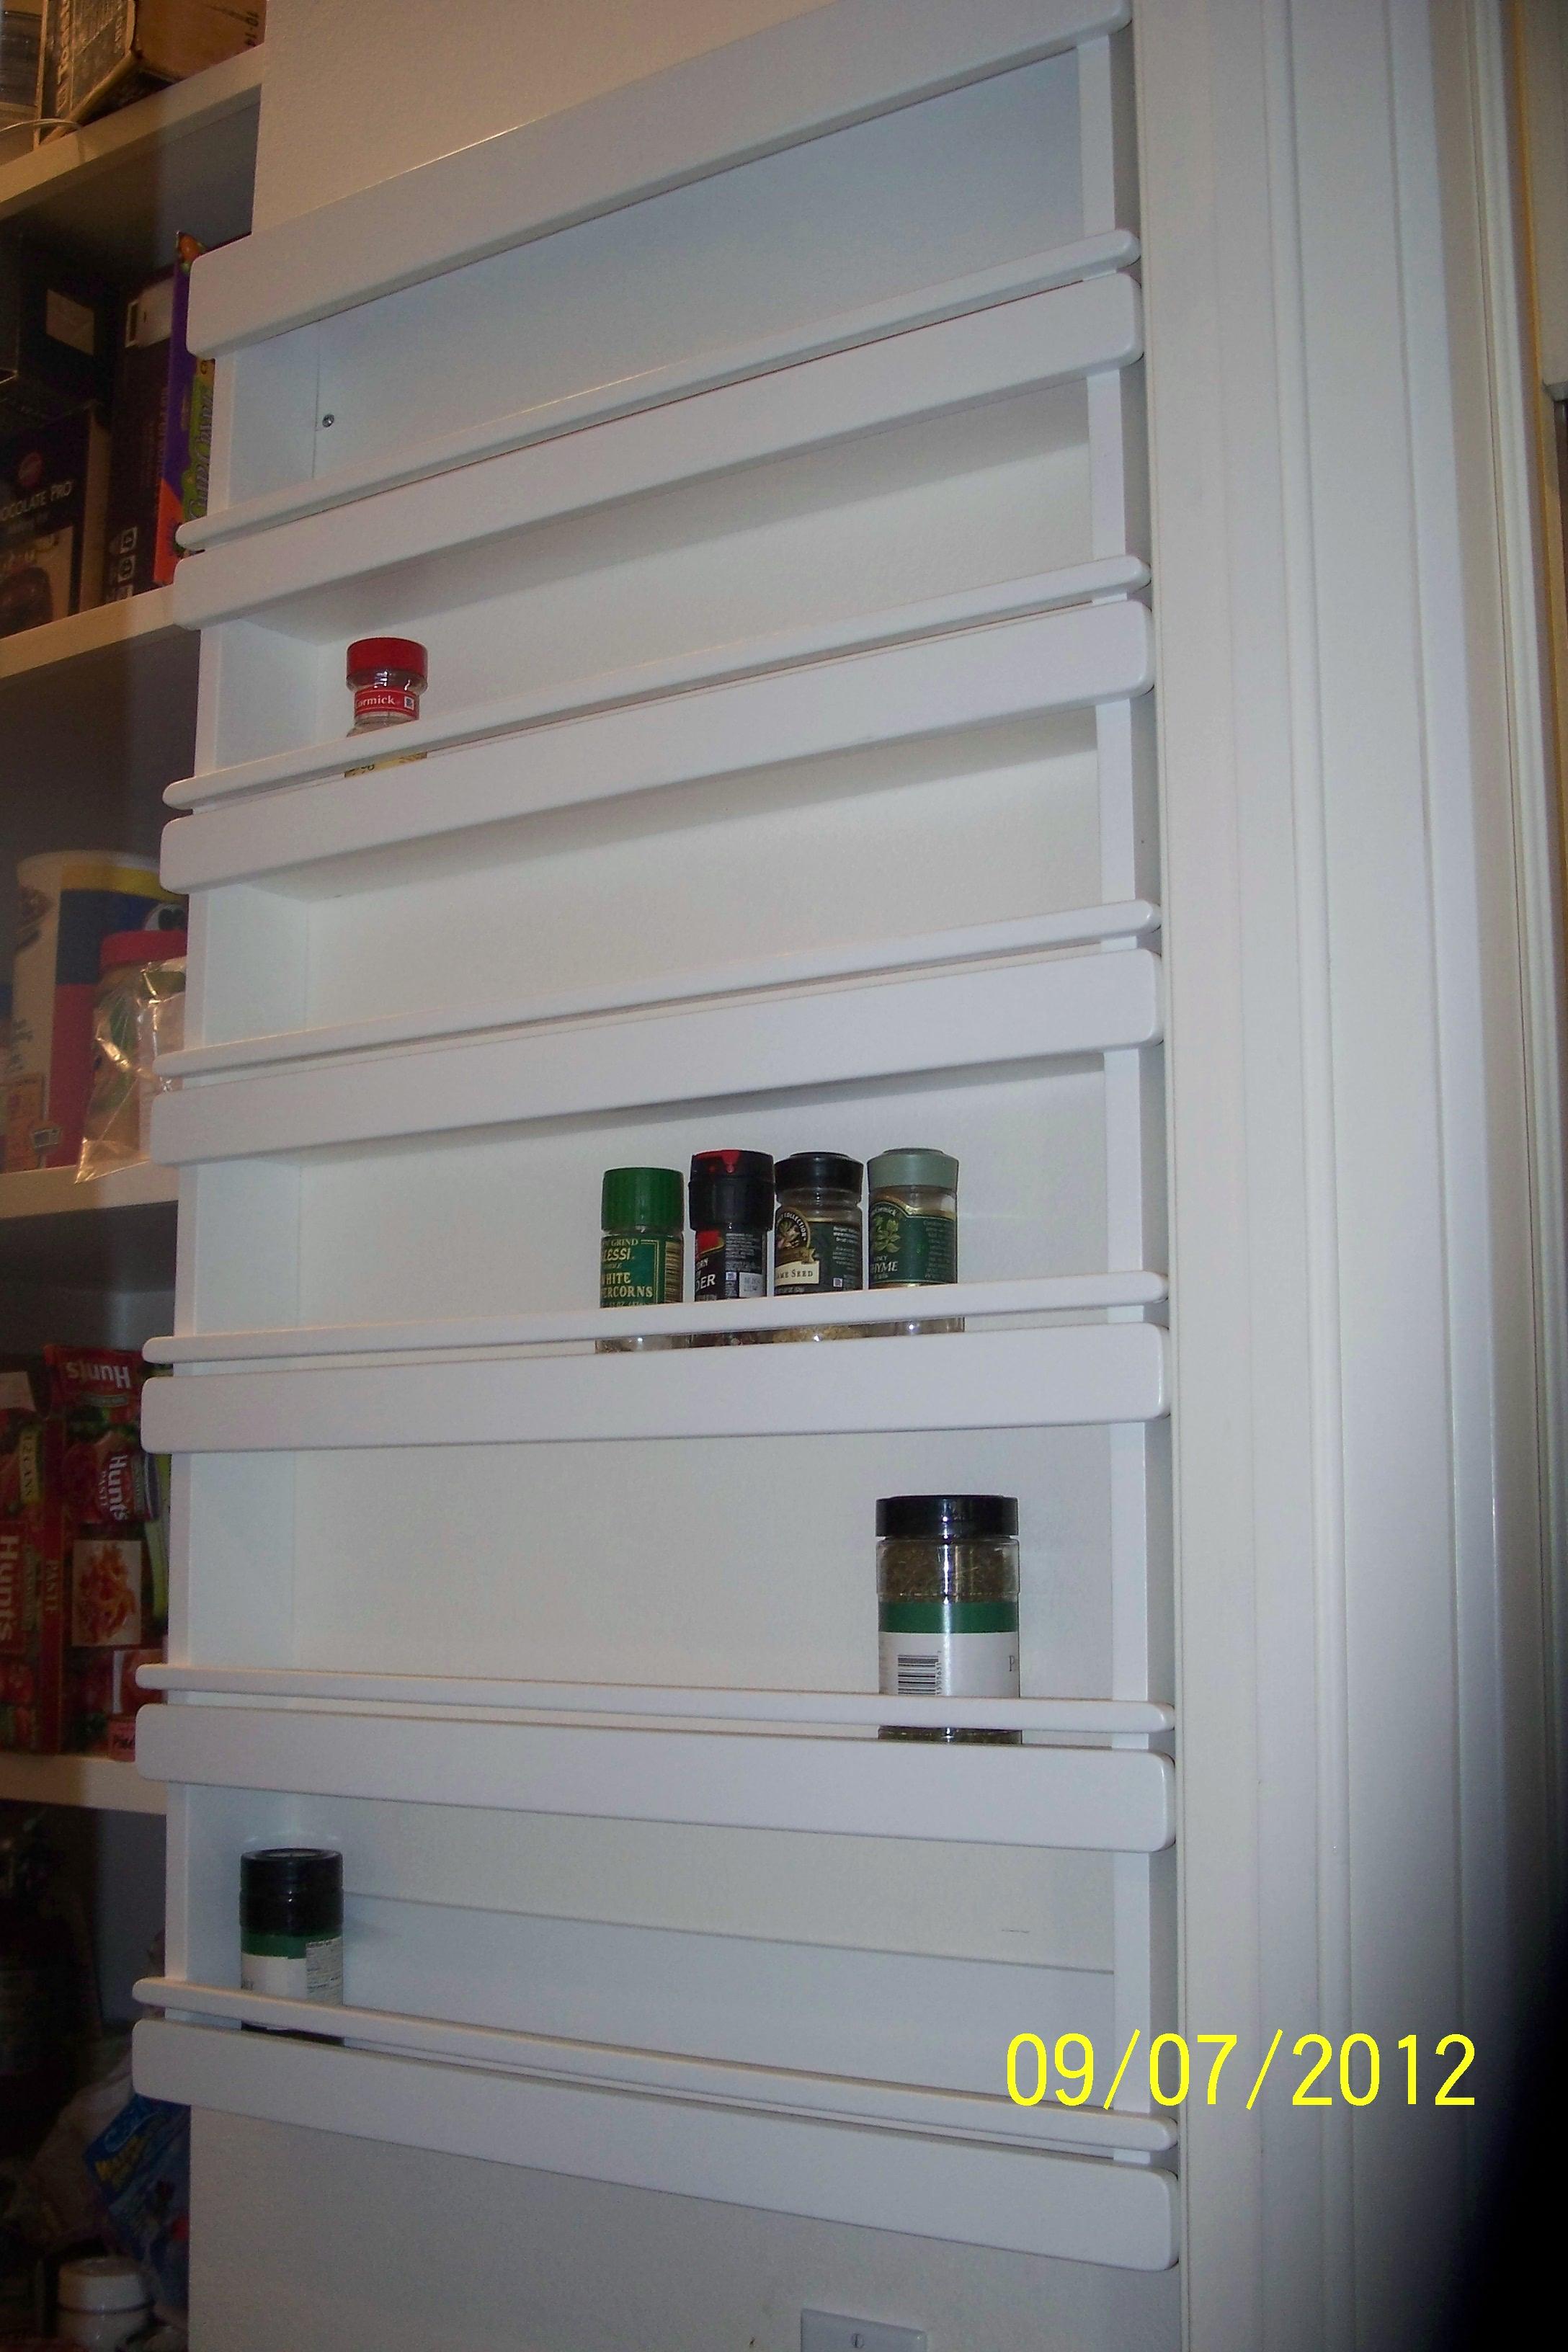 Spice rack doors